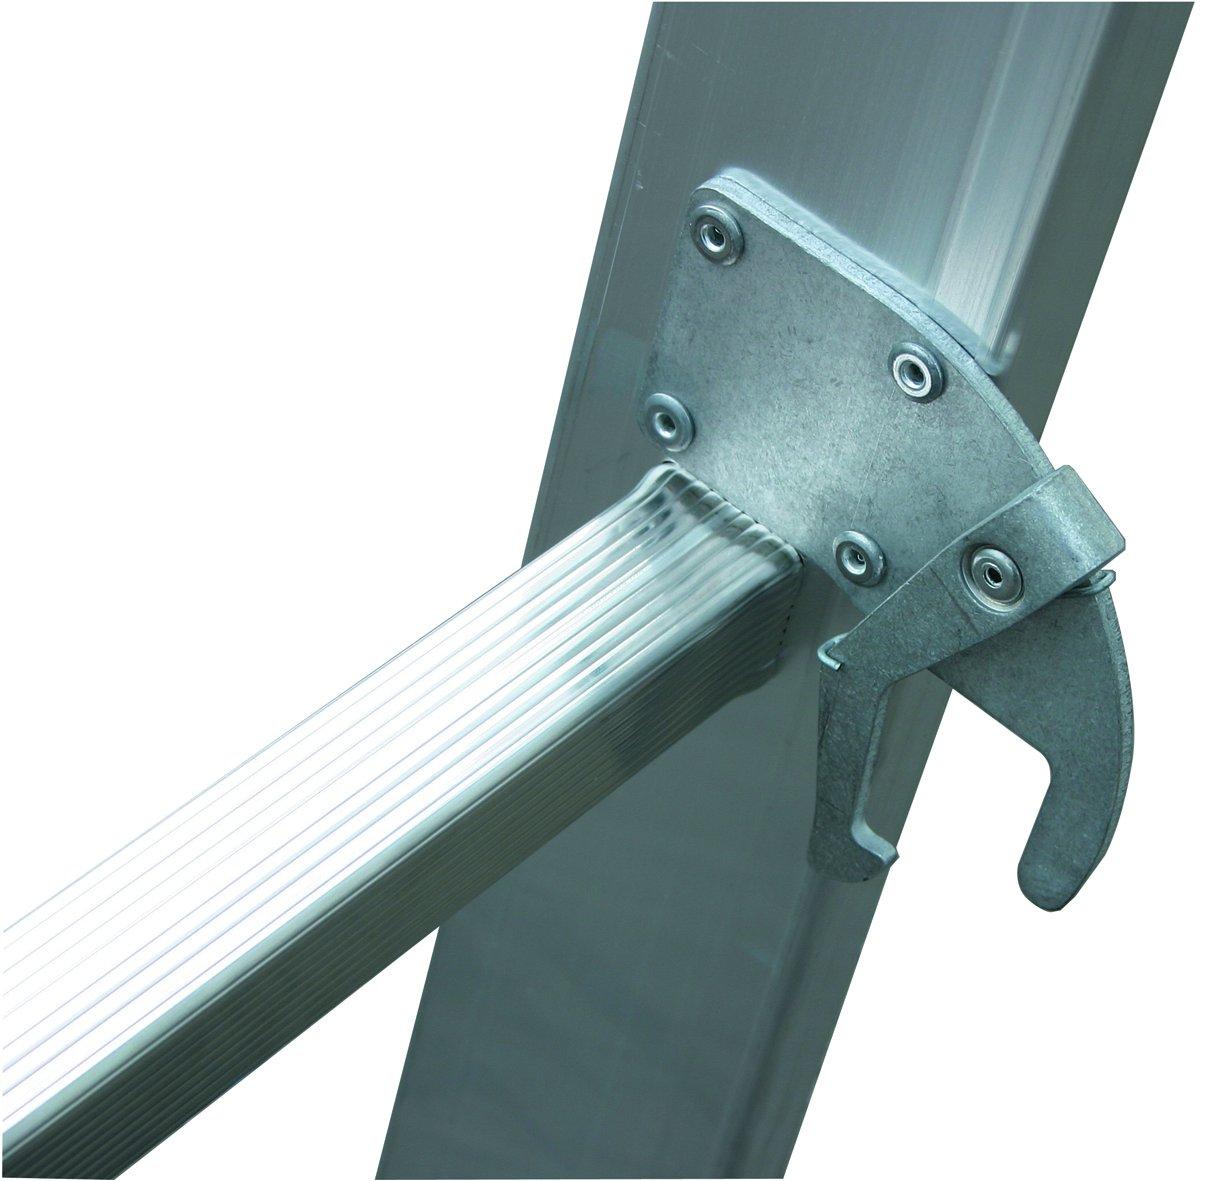 Alu Arbeitsh/öhe 10,1 m,L/änge einteilig 5,2 m 9,15 m 25,5 kg Schiebe-Leiter zweit zweiteilig